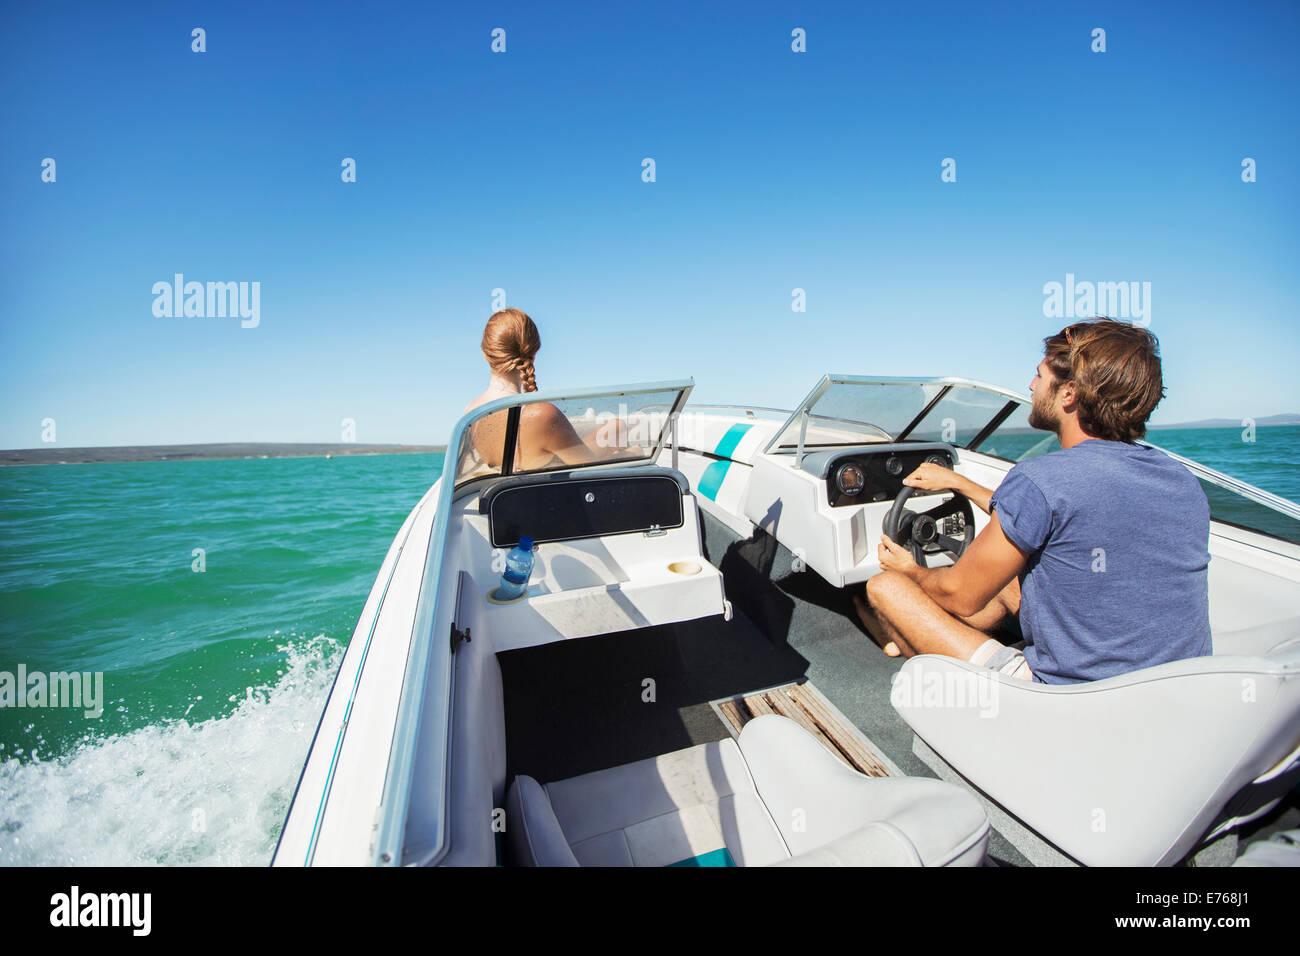 Bateau de direction de l'homme sur l'eau avec ma copine Photo Stock